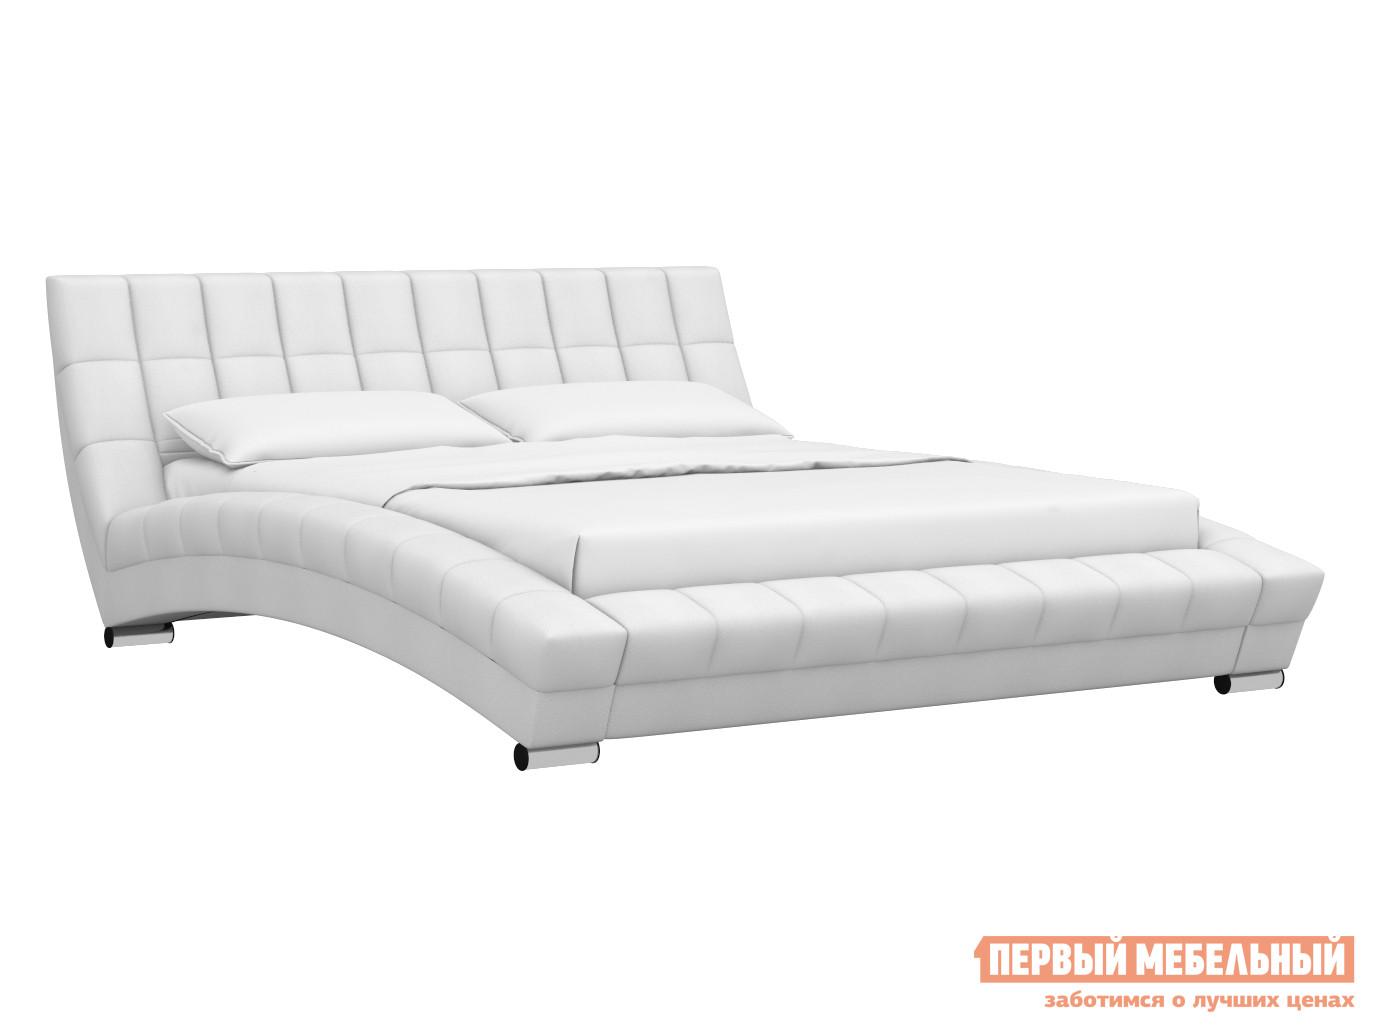 Двуспальная кровать  Кровать Оливия Белый, экокожа, 1800 Х 2000 мм